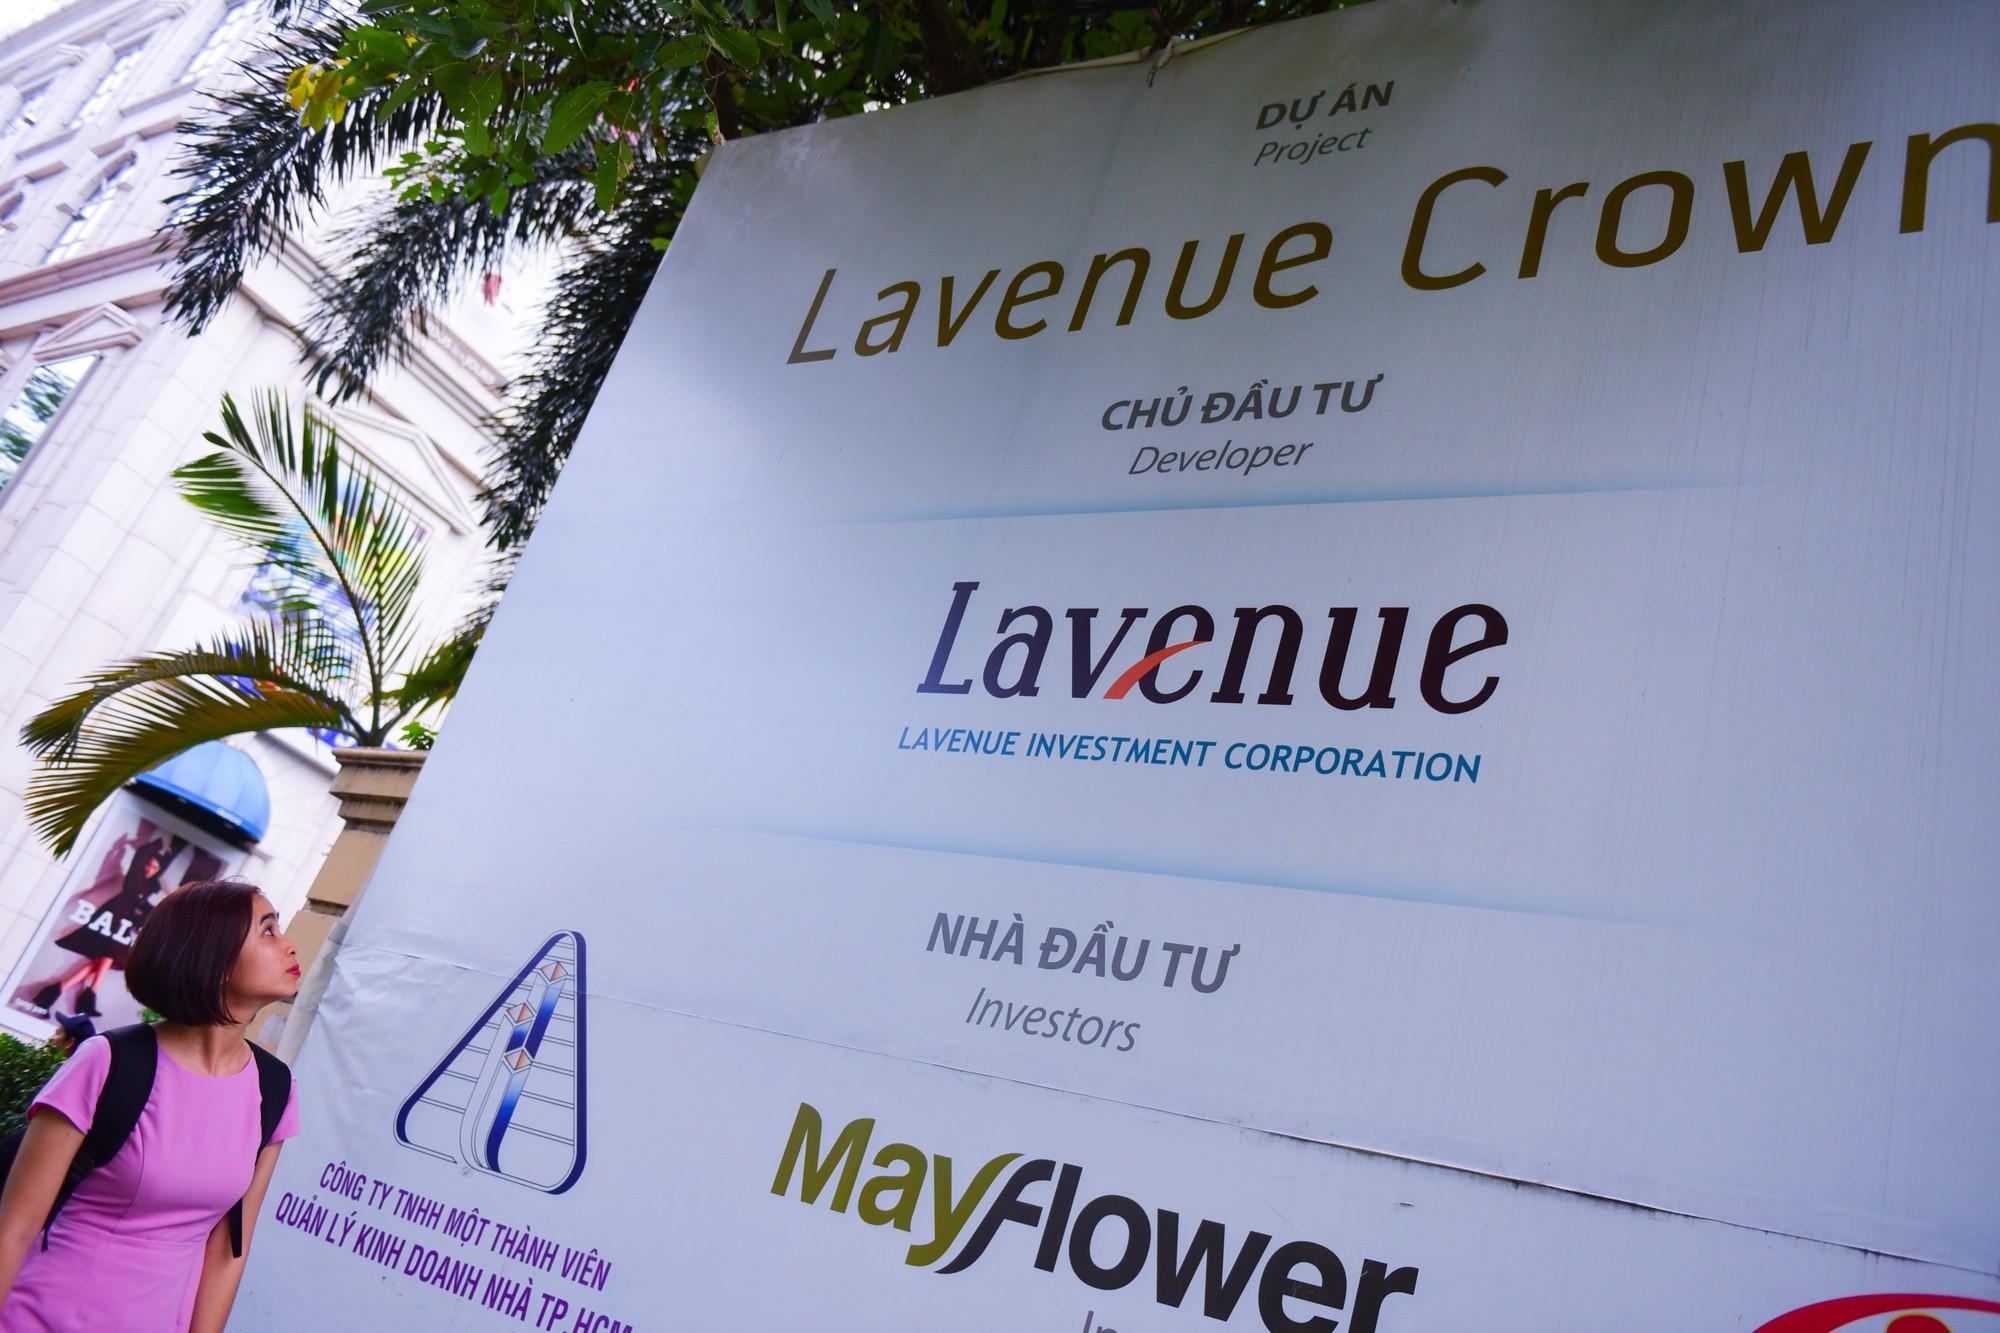 Cận cảnh khu đất vàng 5.000 m2 giữa Sài Gòn được cựu phó chủ tịch Nguyễn Thành Tài cho thuê giá rẻ - Ảnh 4.